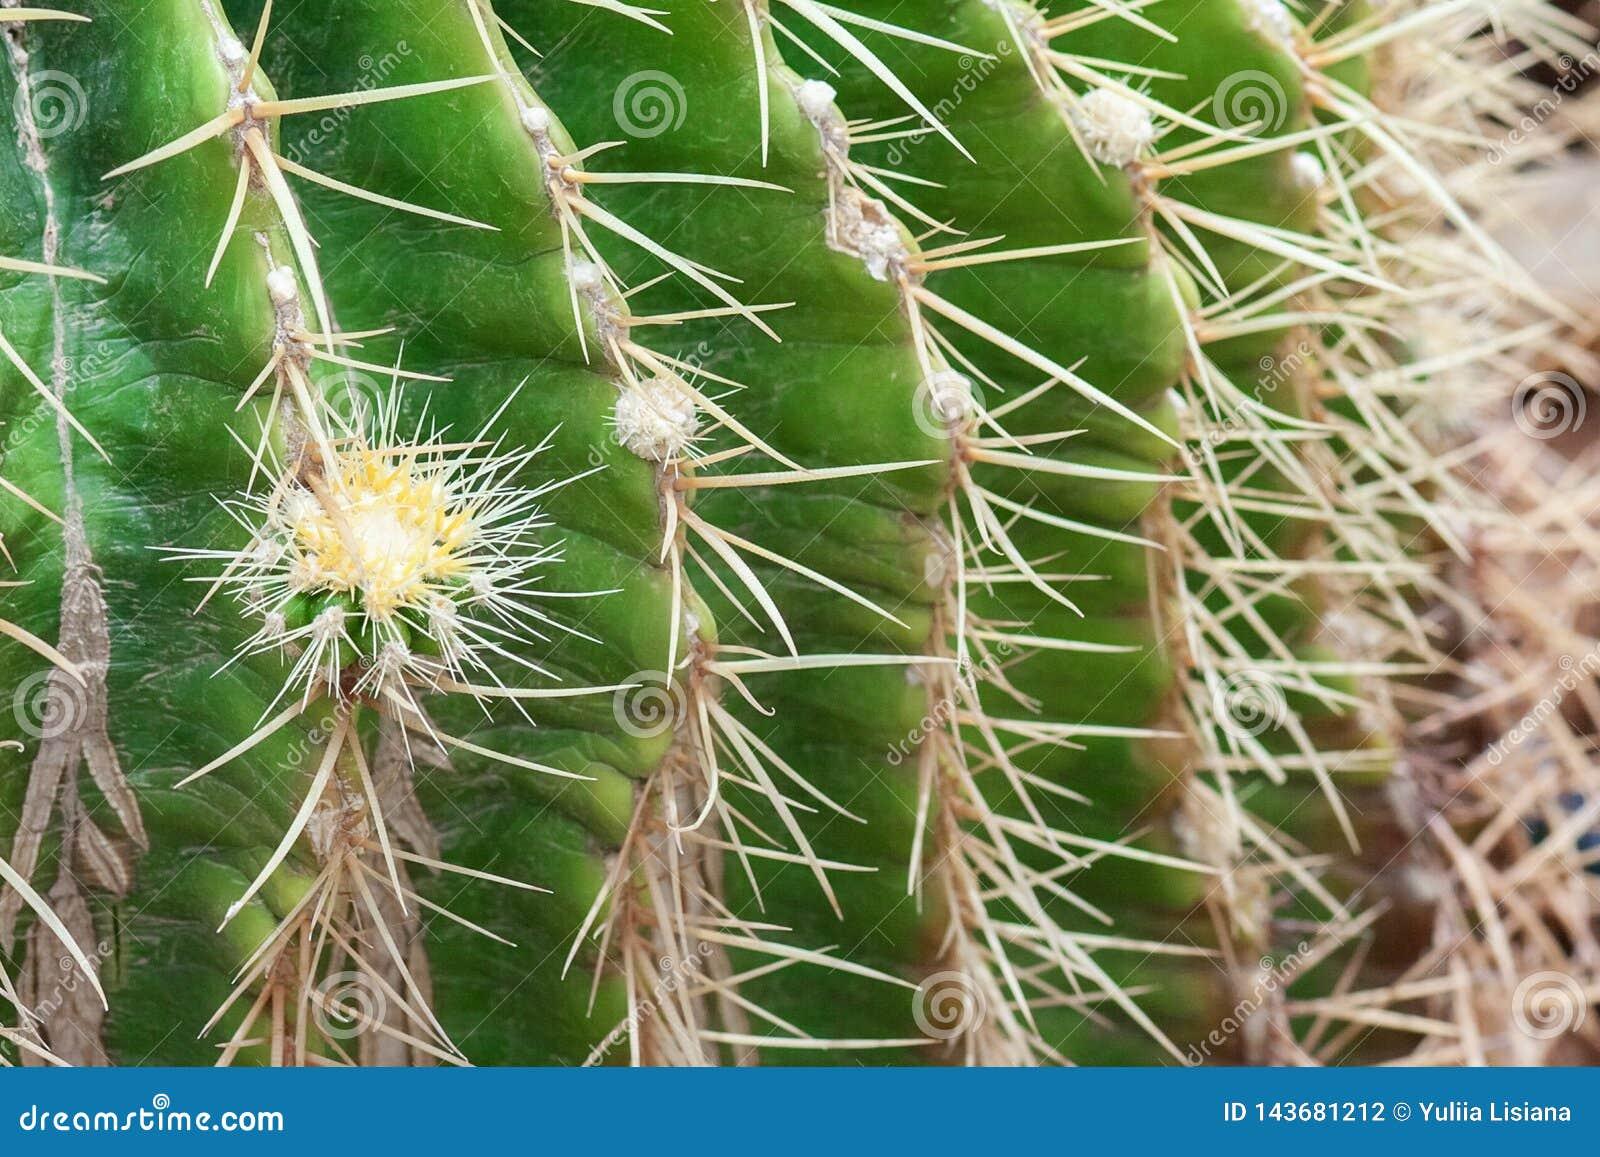 Épines de fin de cactus